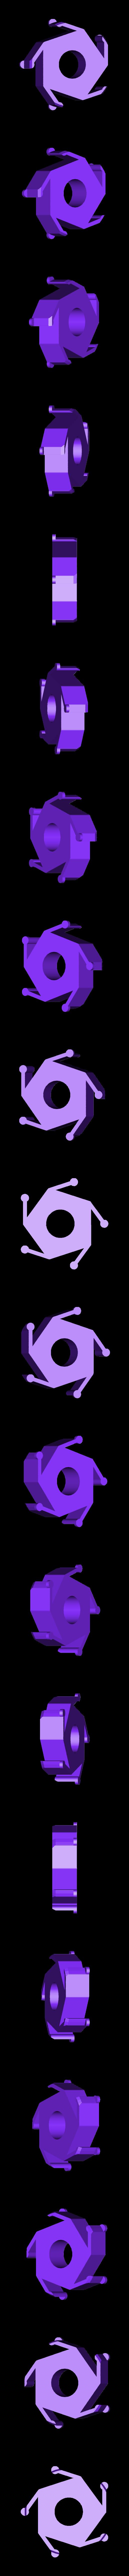 spool_adapter_v1-4_right20170129-5704-1w5jfnl-0.stl Télécharger fichier STL gratuit Adaptateur pour le centre de regroupement de Renkforce/Ikea • Plan imprimable en 3D, Knaudler